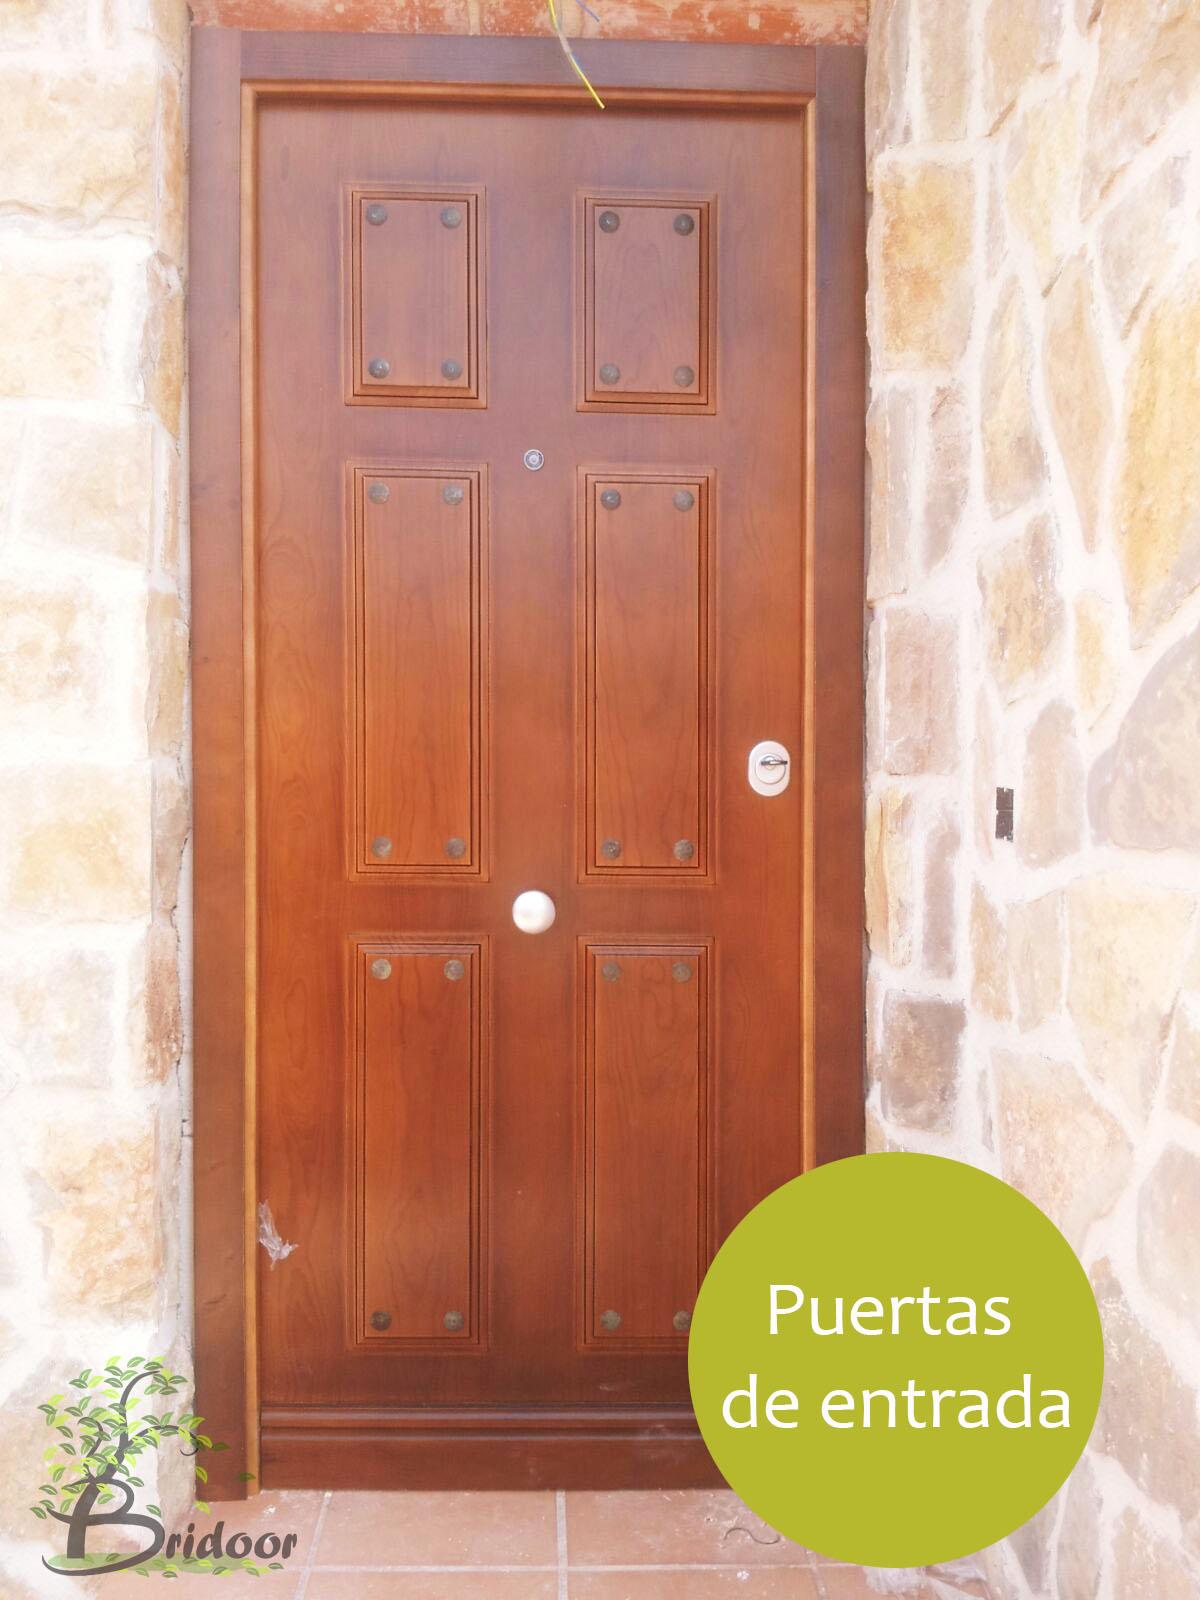 Bridoor s l puerta de entrada roble en soto del real for Puertas en madera entrada principal